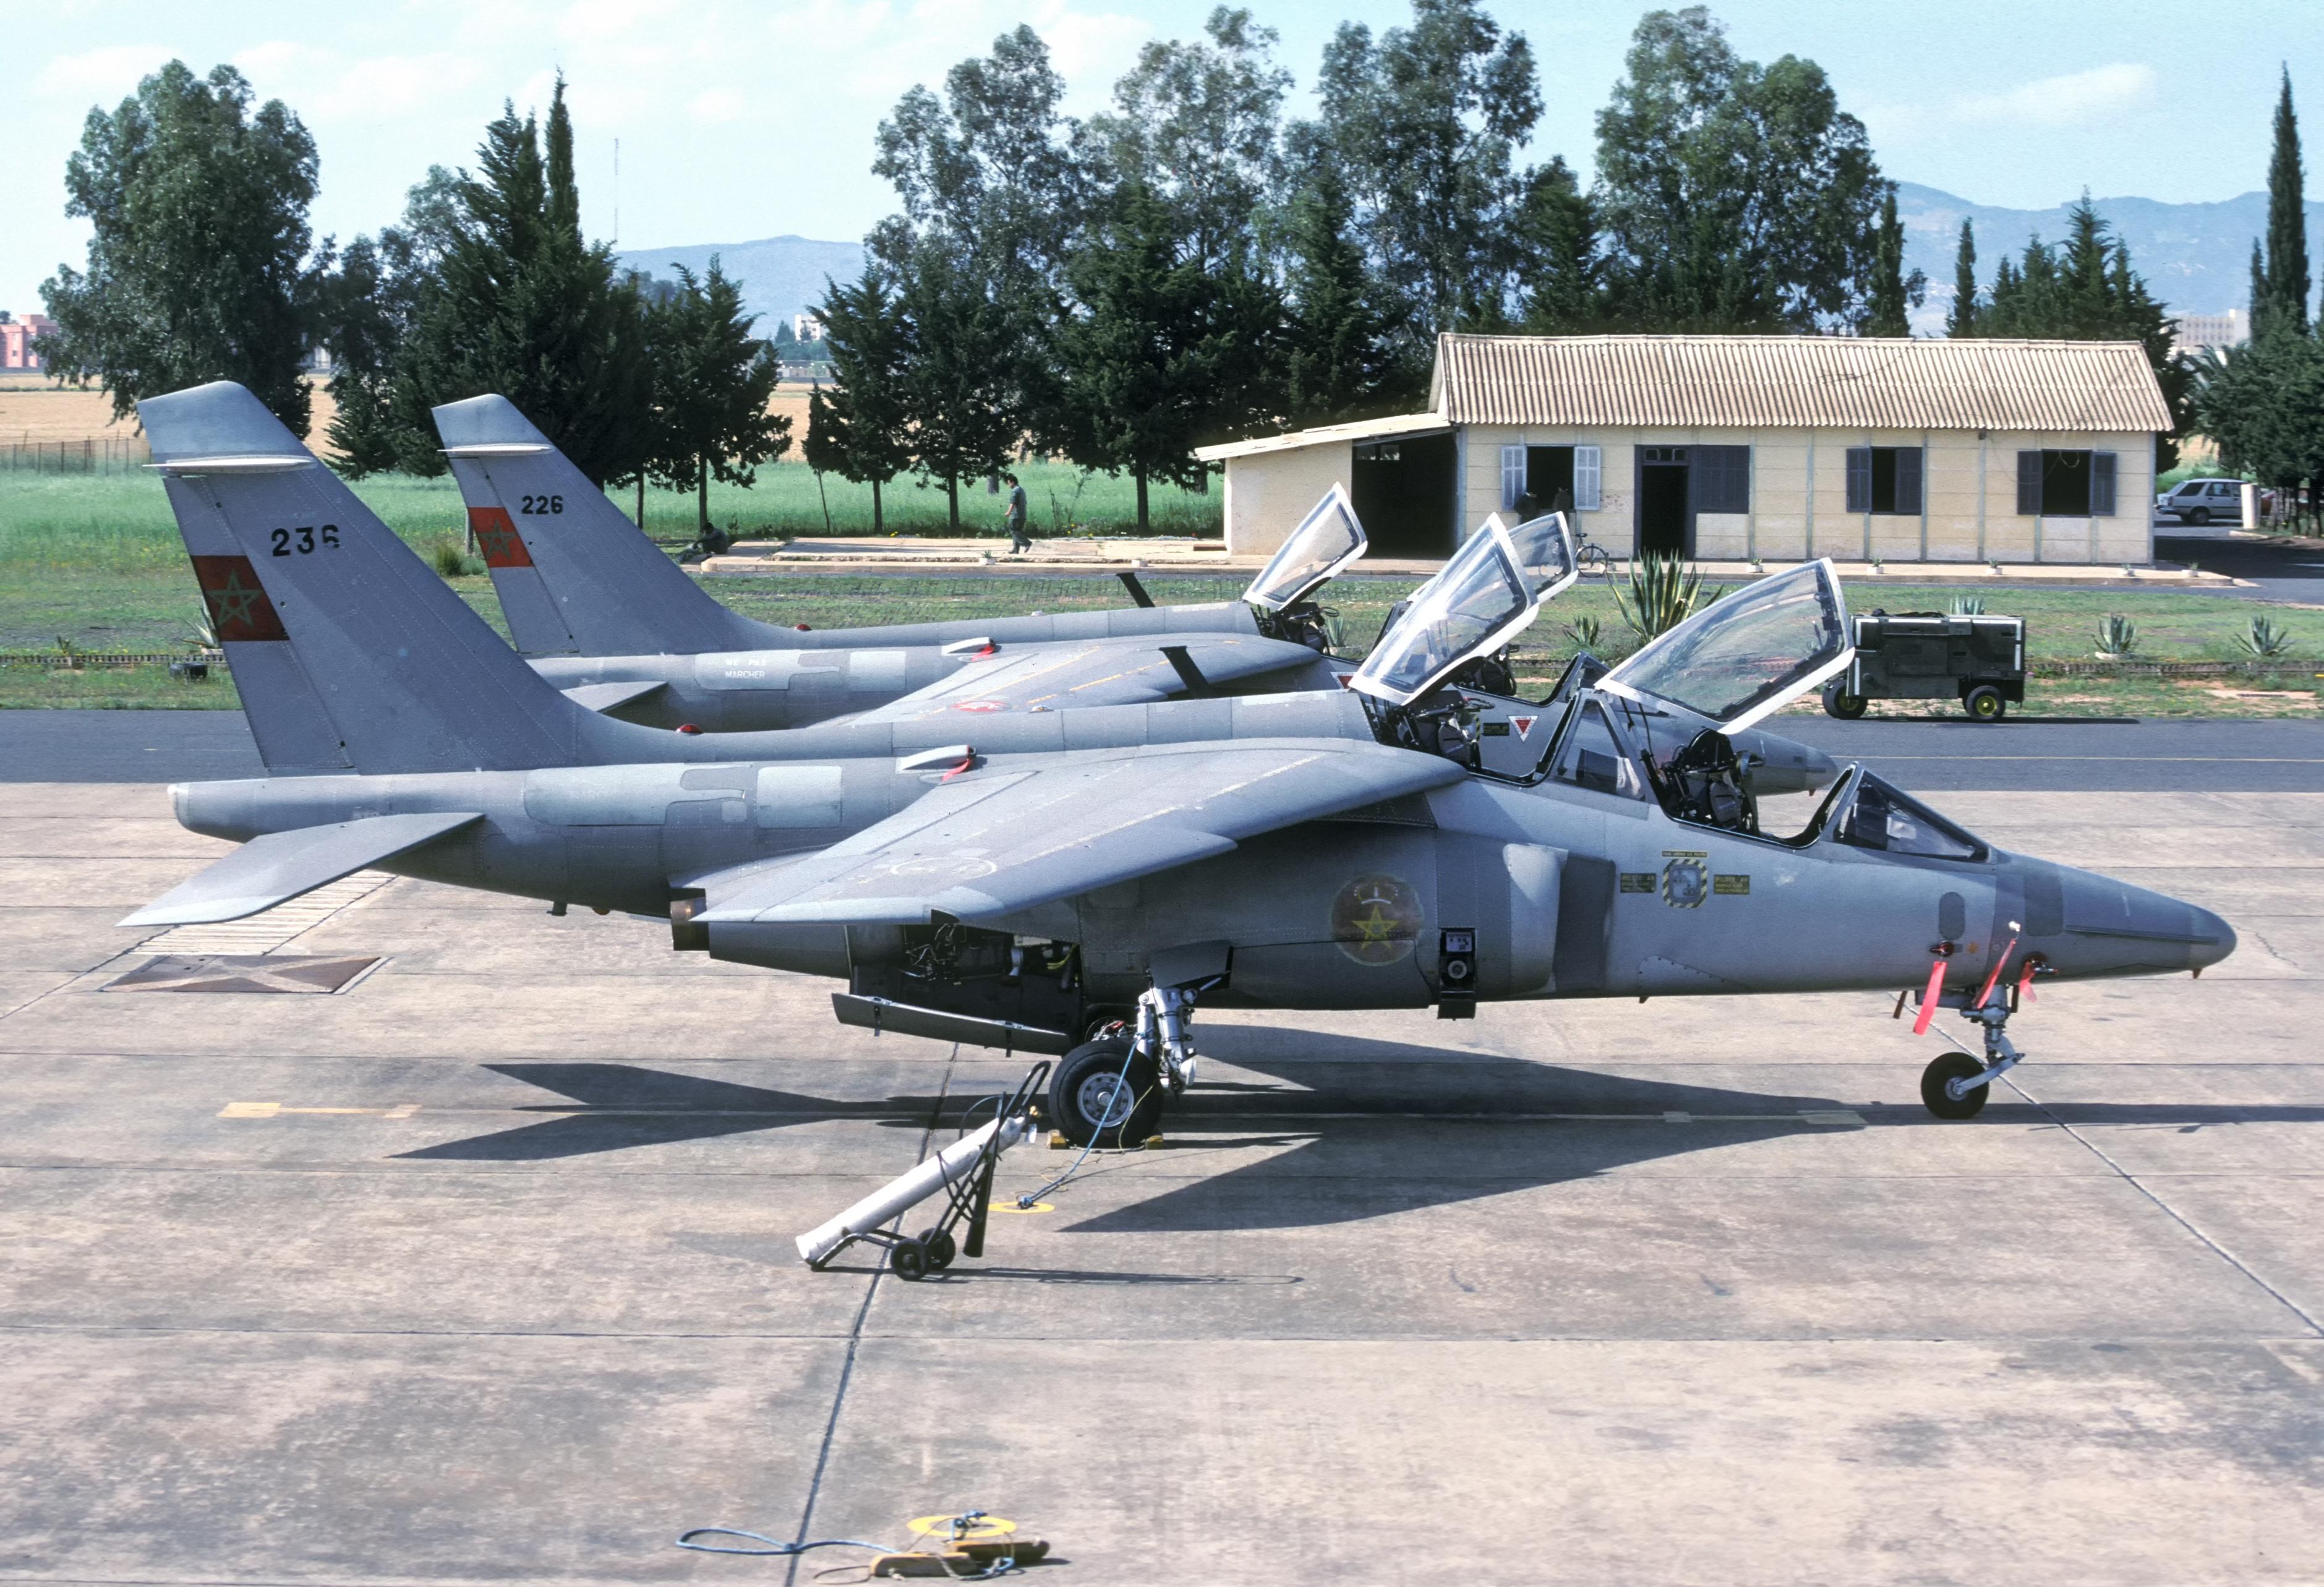 FRA: Photos avions d'entrainement et anti insurrection - Page 9 32542932754_6834454b57_o